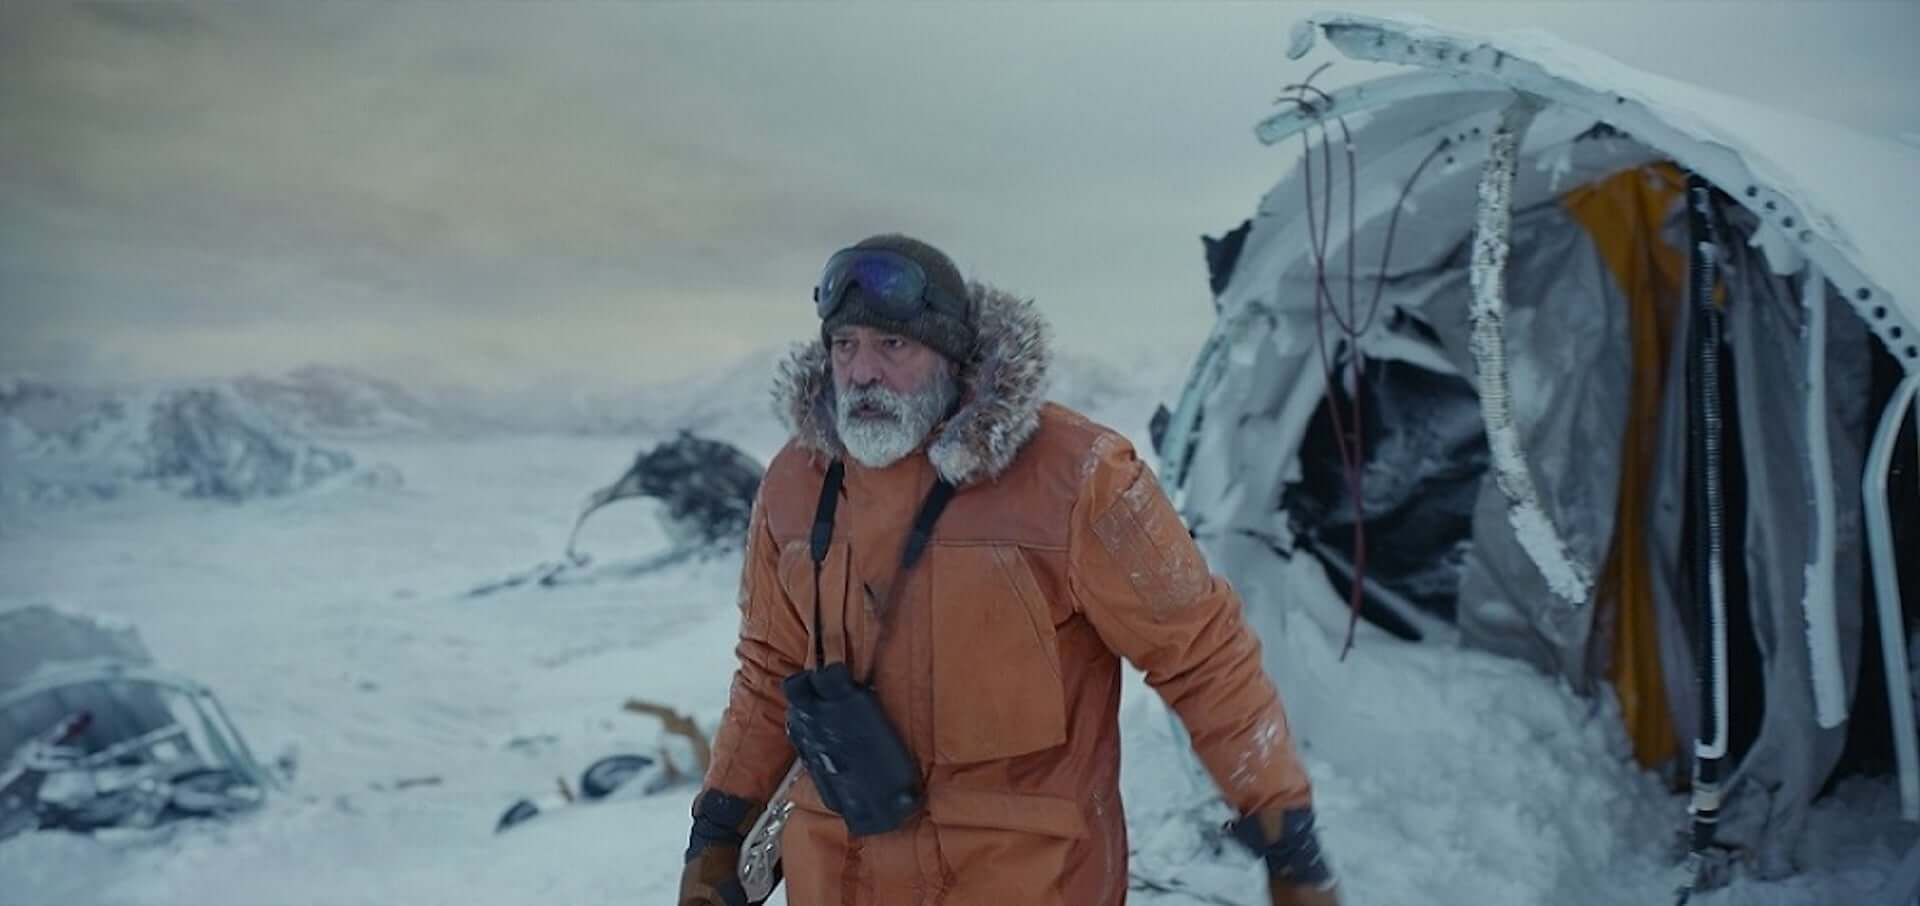 ジョージ・クルーニーが「危険な撮影だった」と語る氷上でのスタントとは…Netflix映画『ミッドナイト・スカイ』本編映像が解禁 film201221_midnightsky_1-1920x906